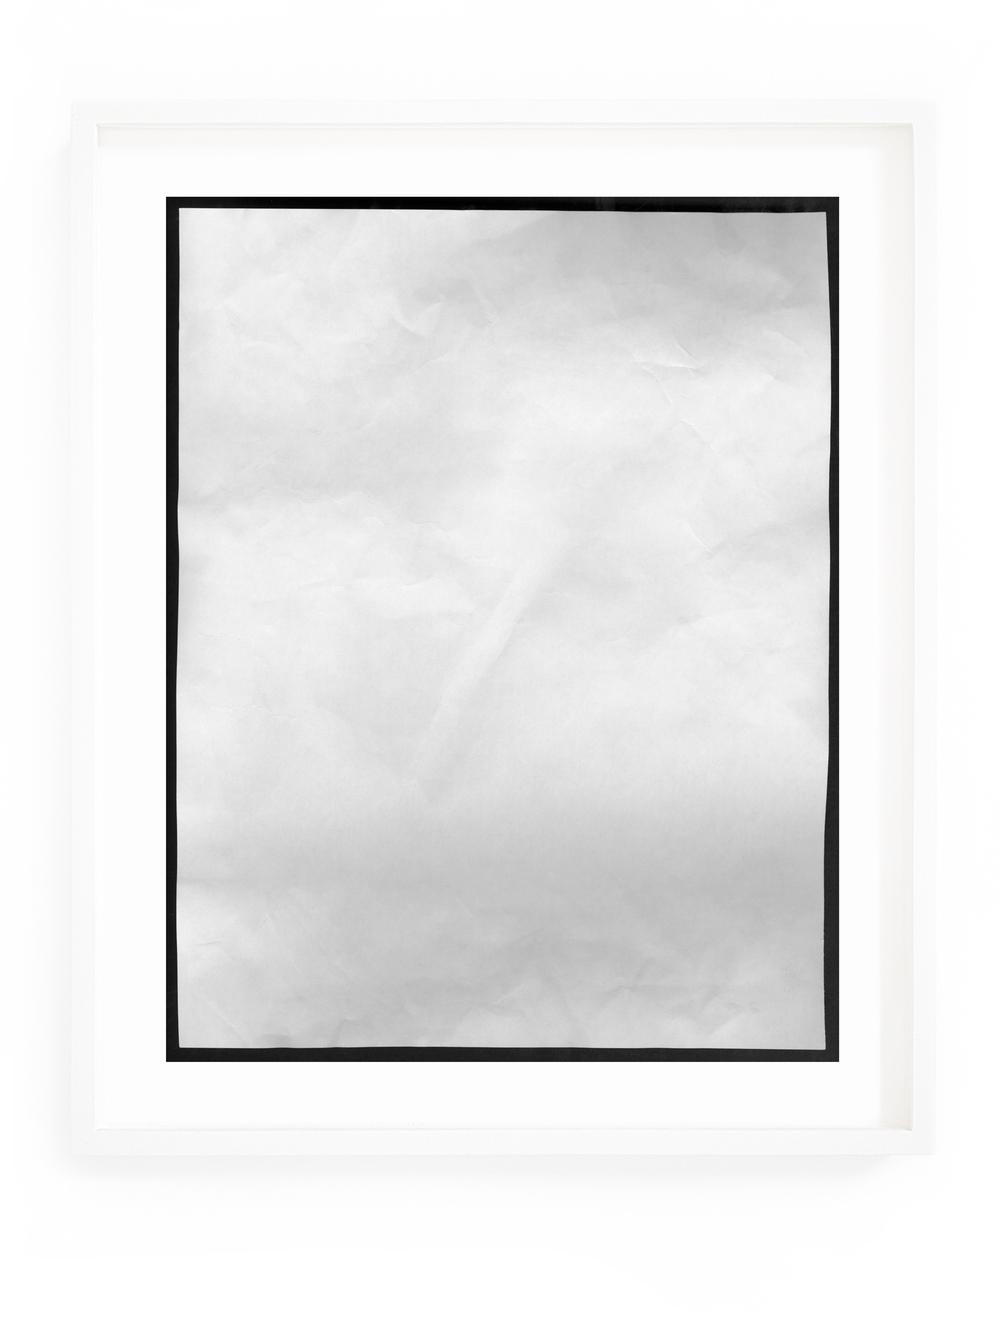 23v2_17x13x300_framed.jpg